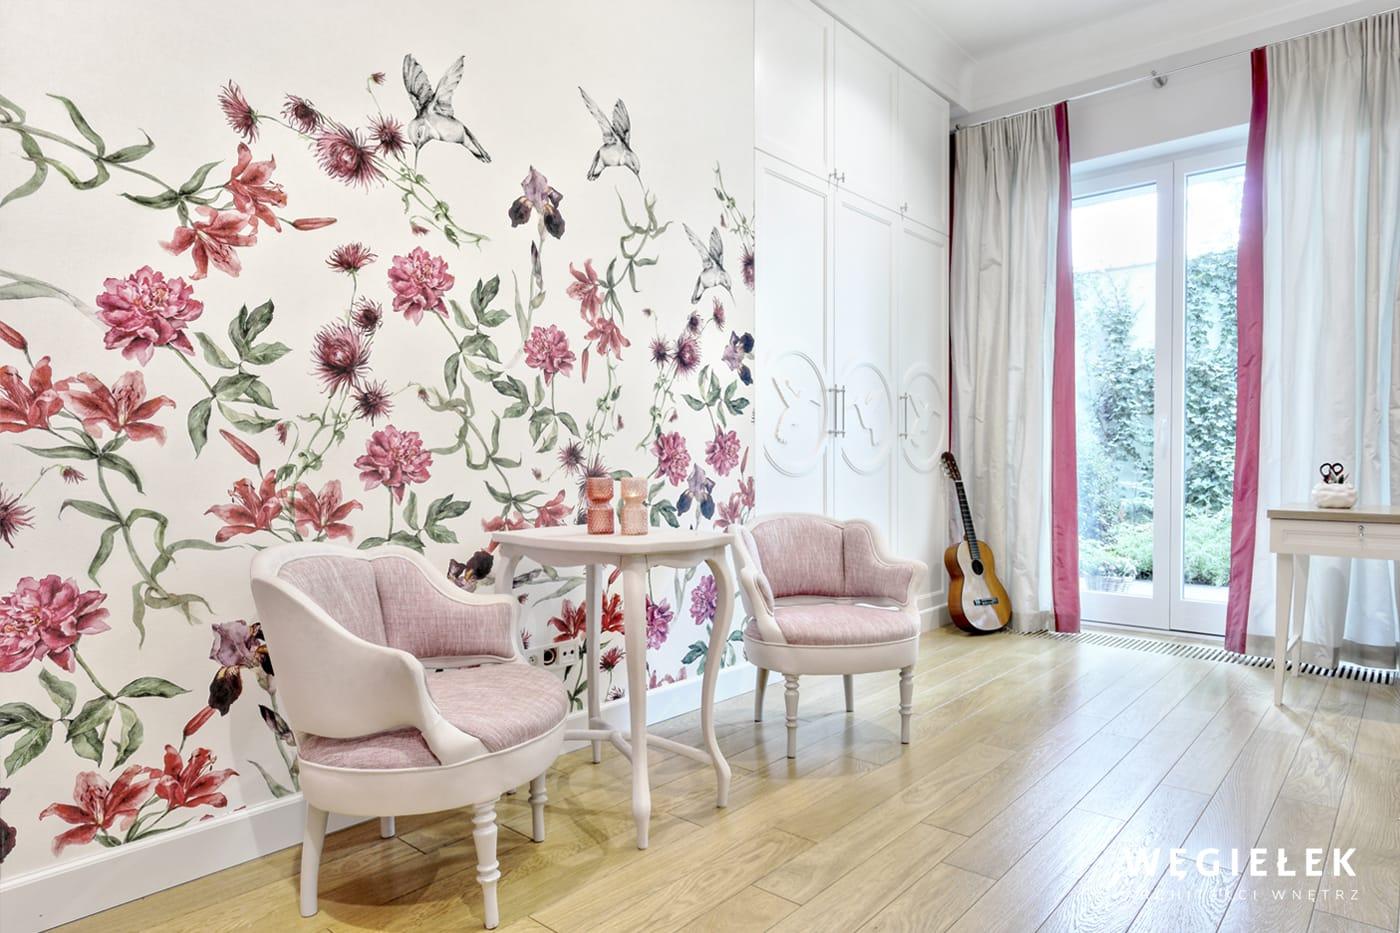 Architekt wnętrz stworzył piękny i harmonijny pokój w bardzo romantycznym stylu. Zachwyca połączeniem bieli i różu oraz roślinnym wzorem tapety